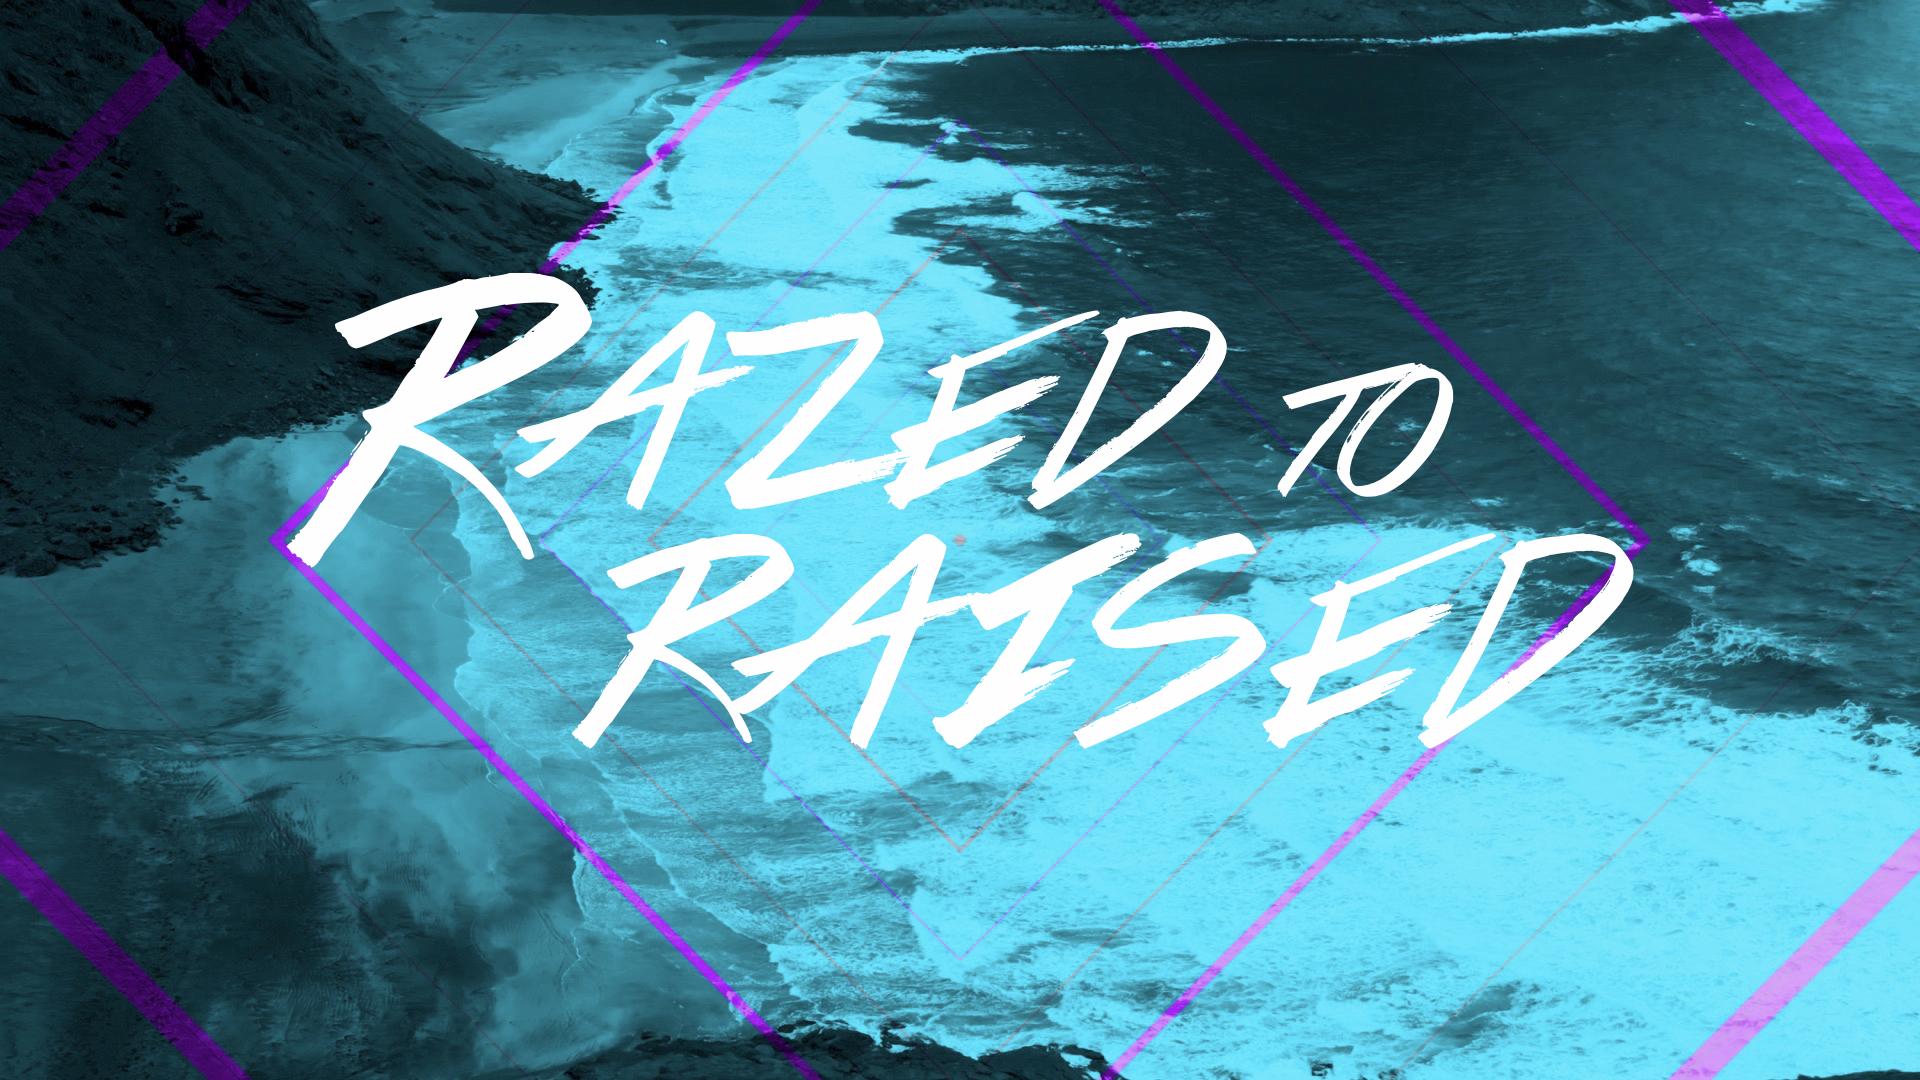 Razed_raised.002.jpeg